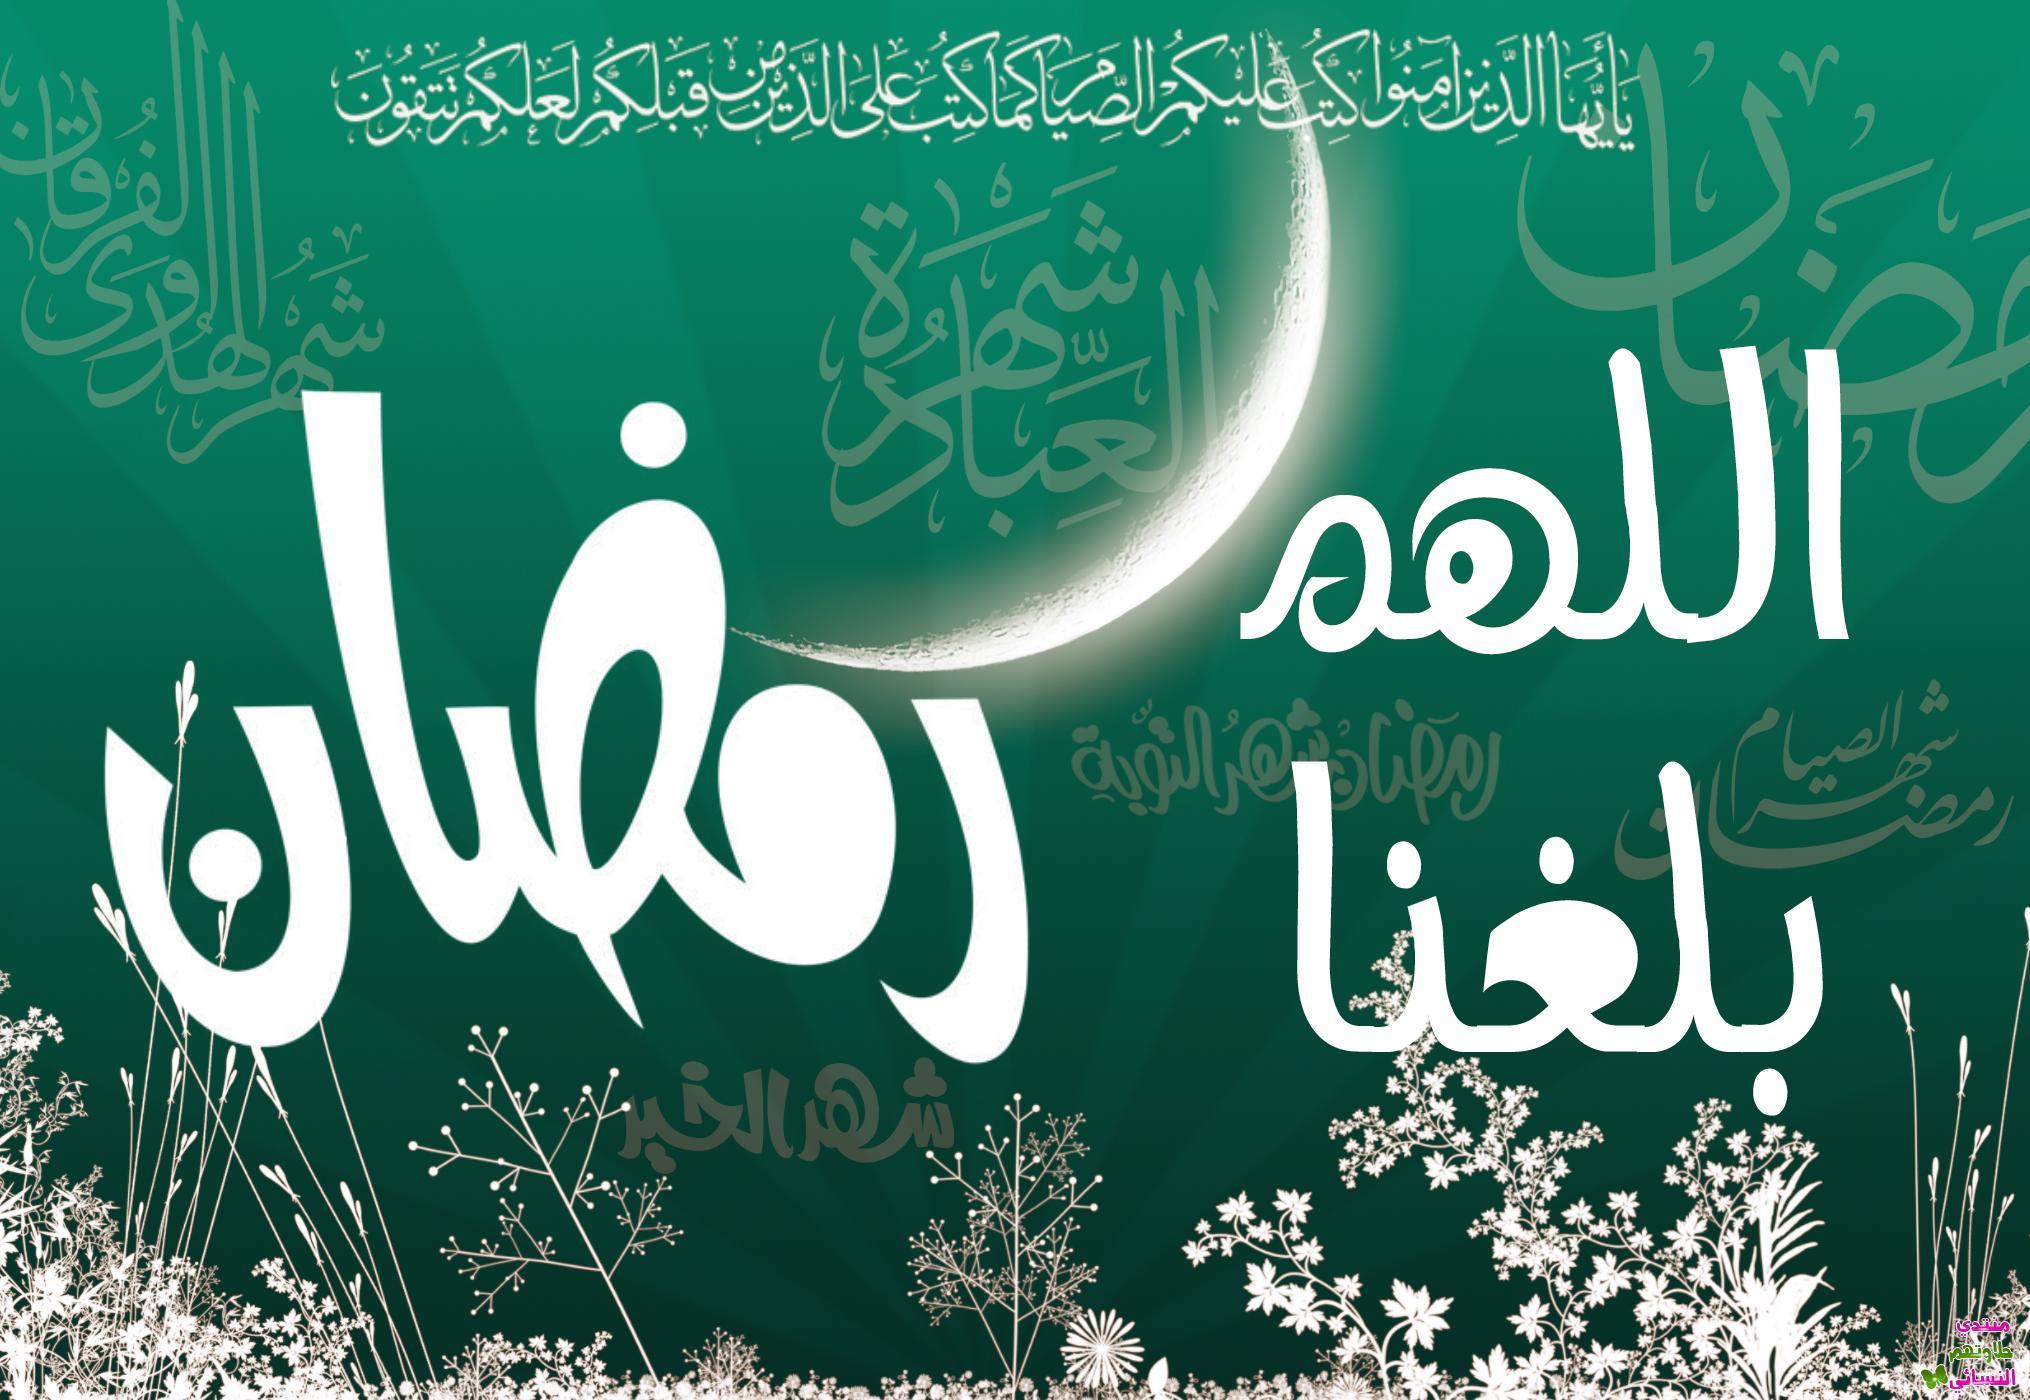 بالصور اجمل الصور الاسلامية في العالم , صور اسلامية للفيس 2532 4